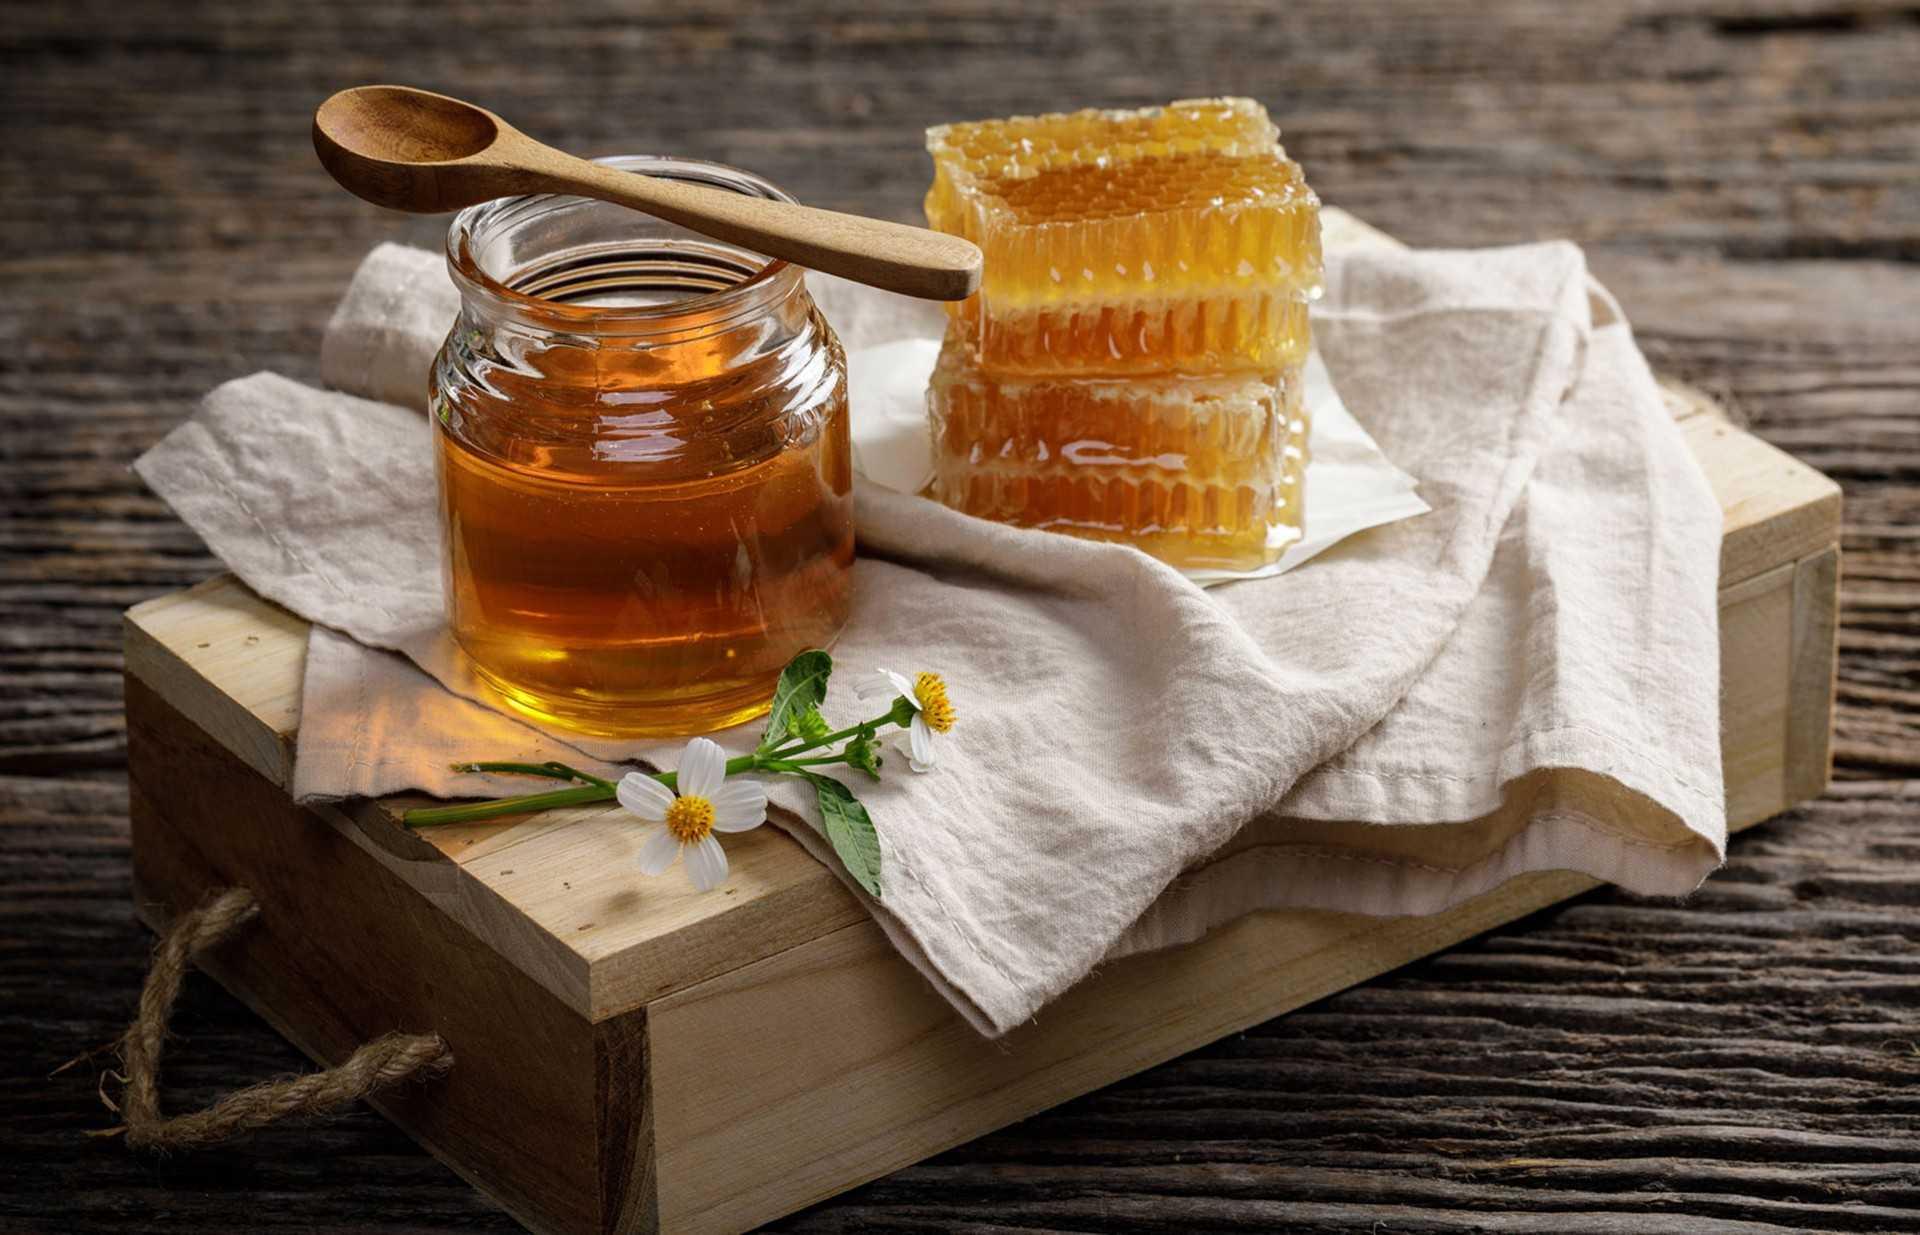 Лесной мед: свойства, особенности, целебные качества продукта